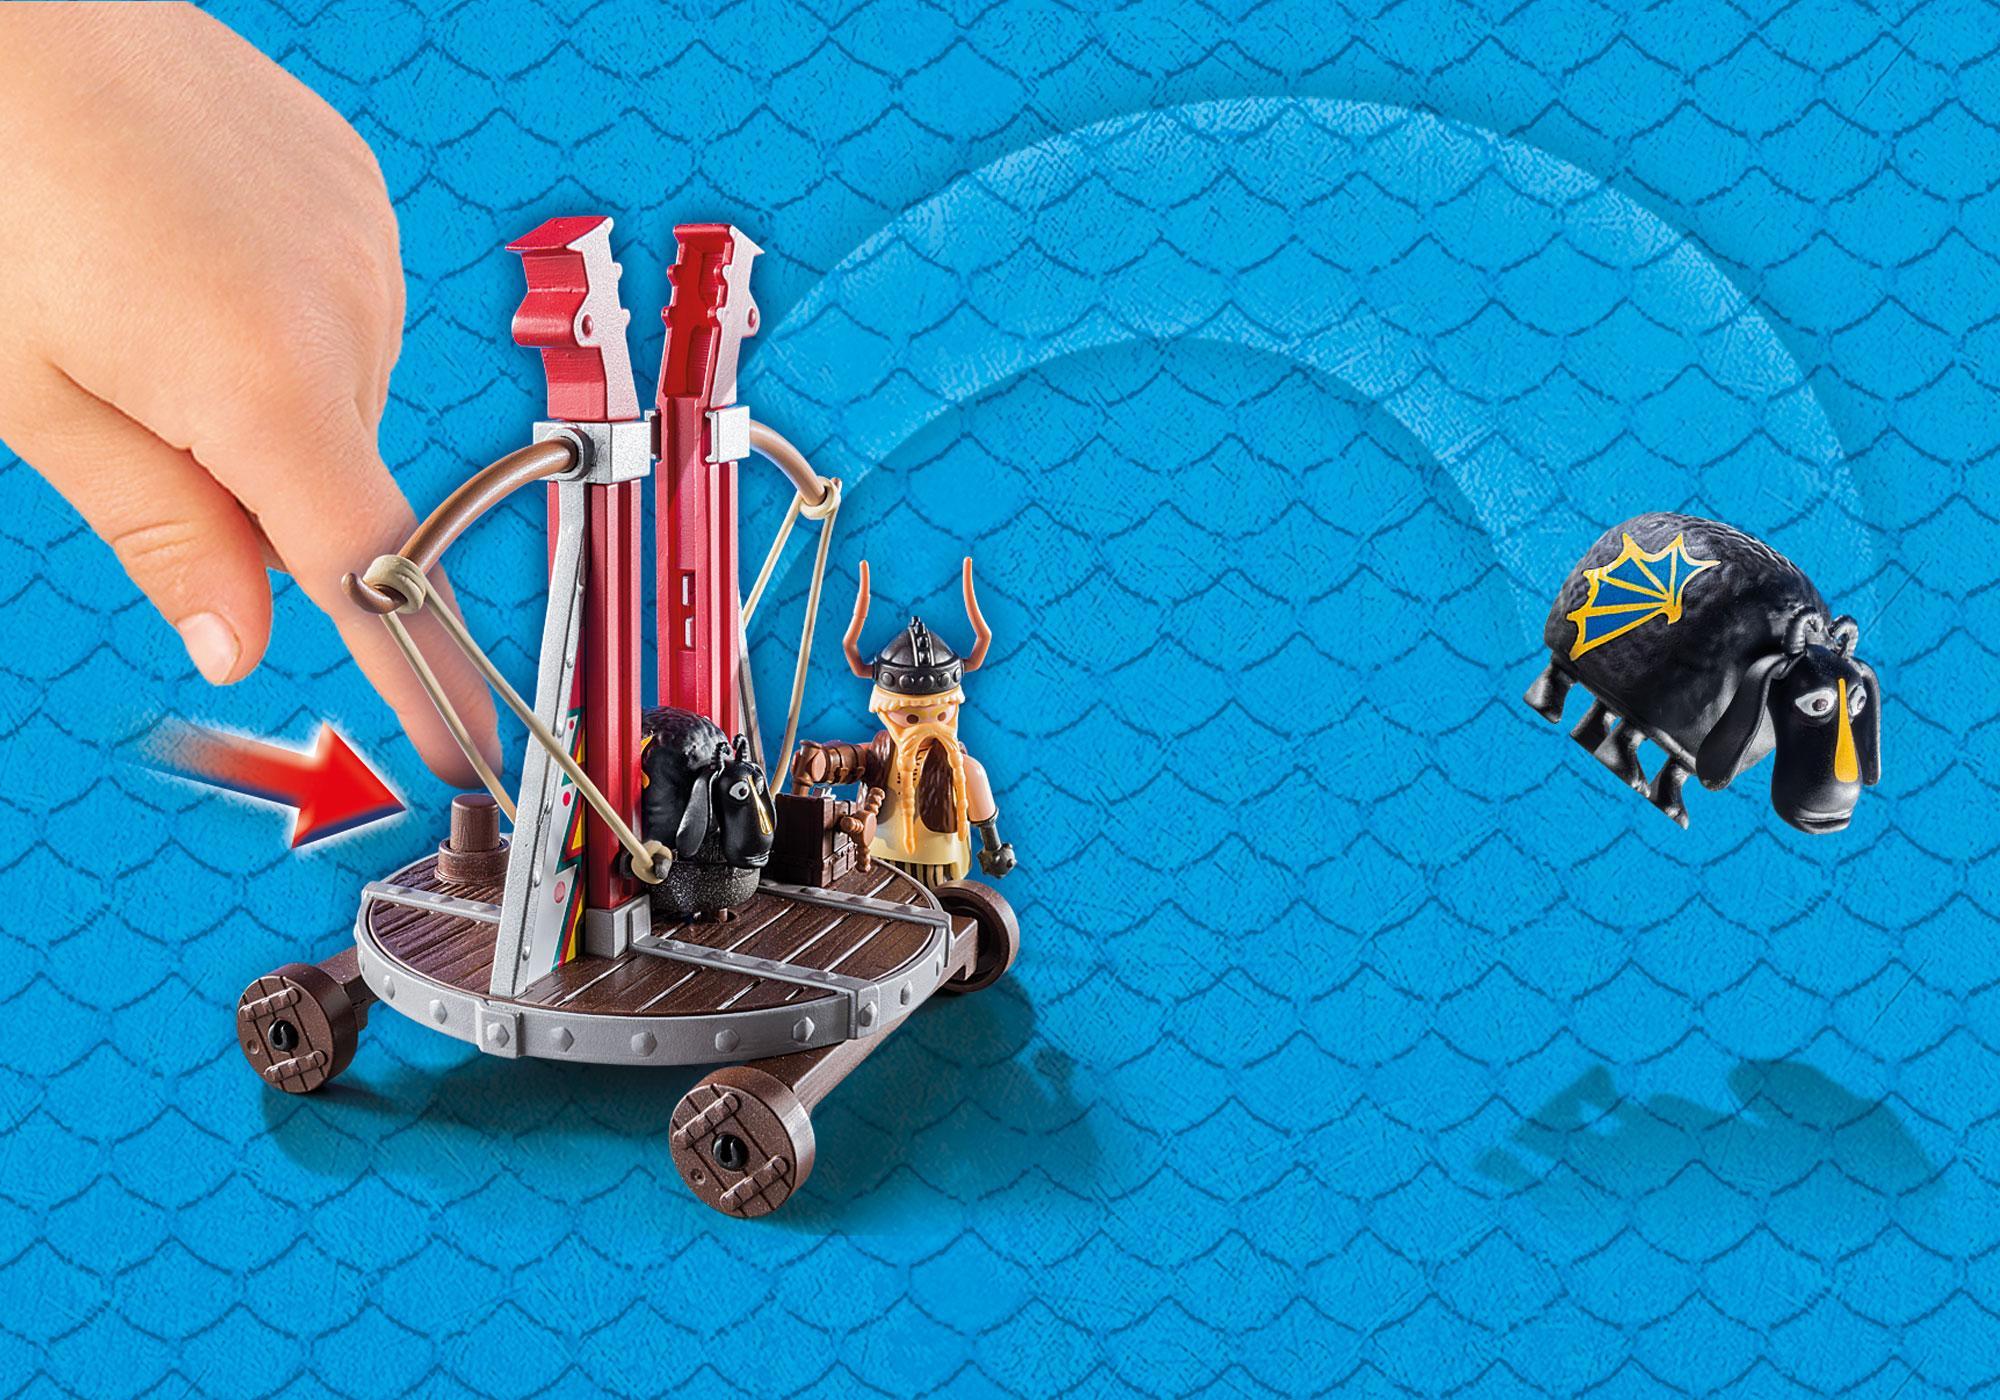 http://media.playmobil.com/i/playmobil/9461_product_extra1/Ο Σκόρδος με καταπέλτη προβάτων